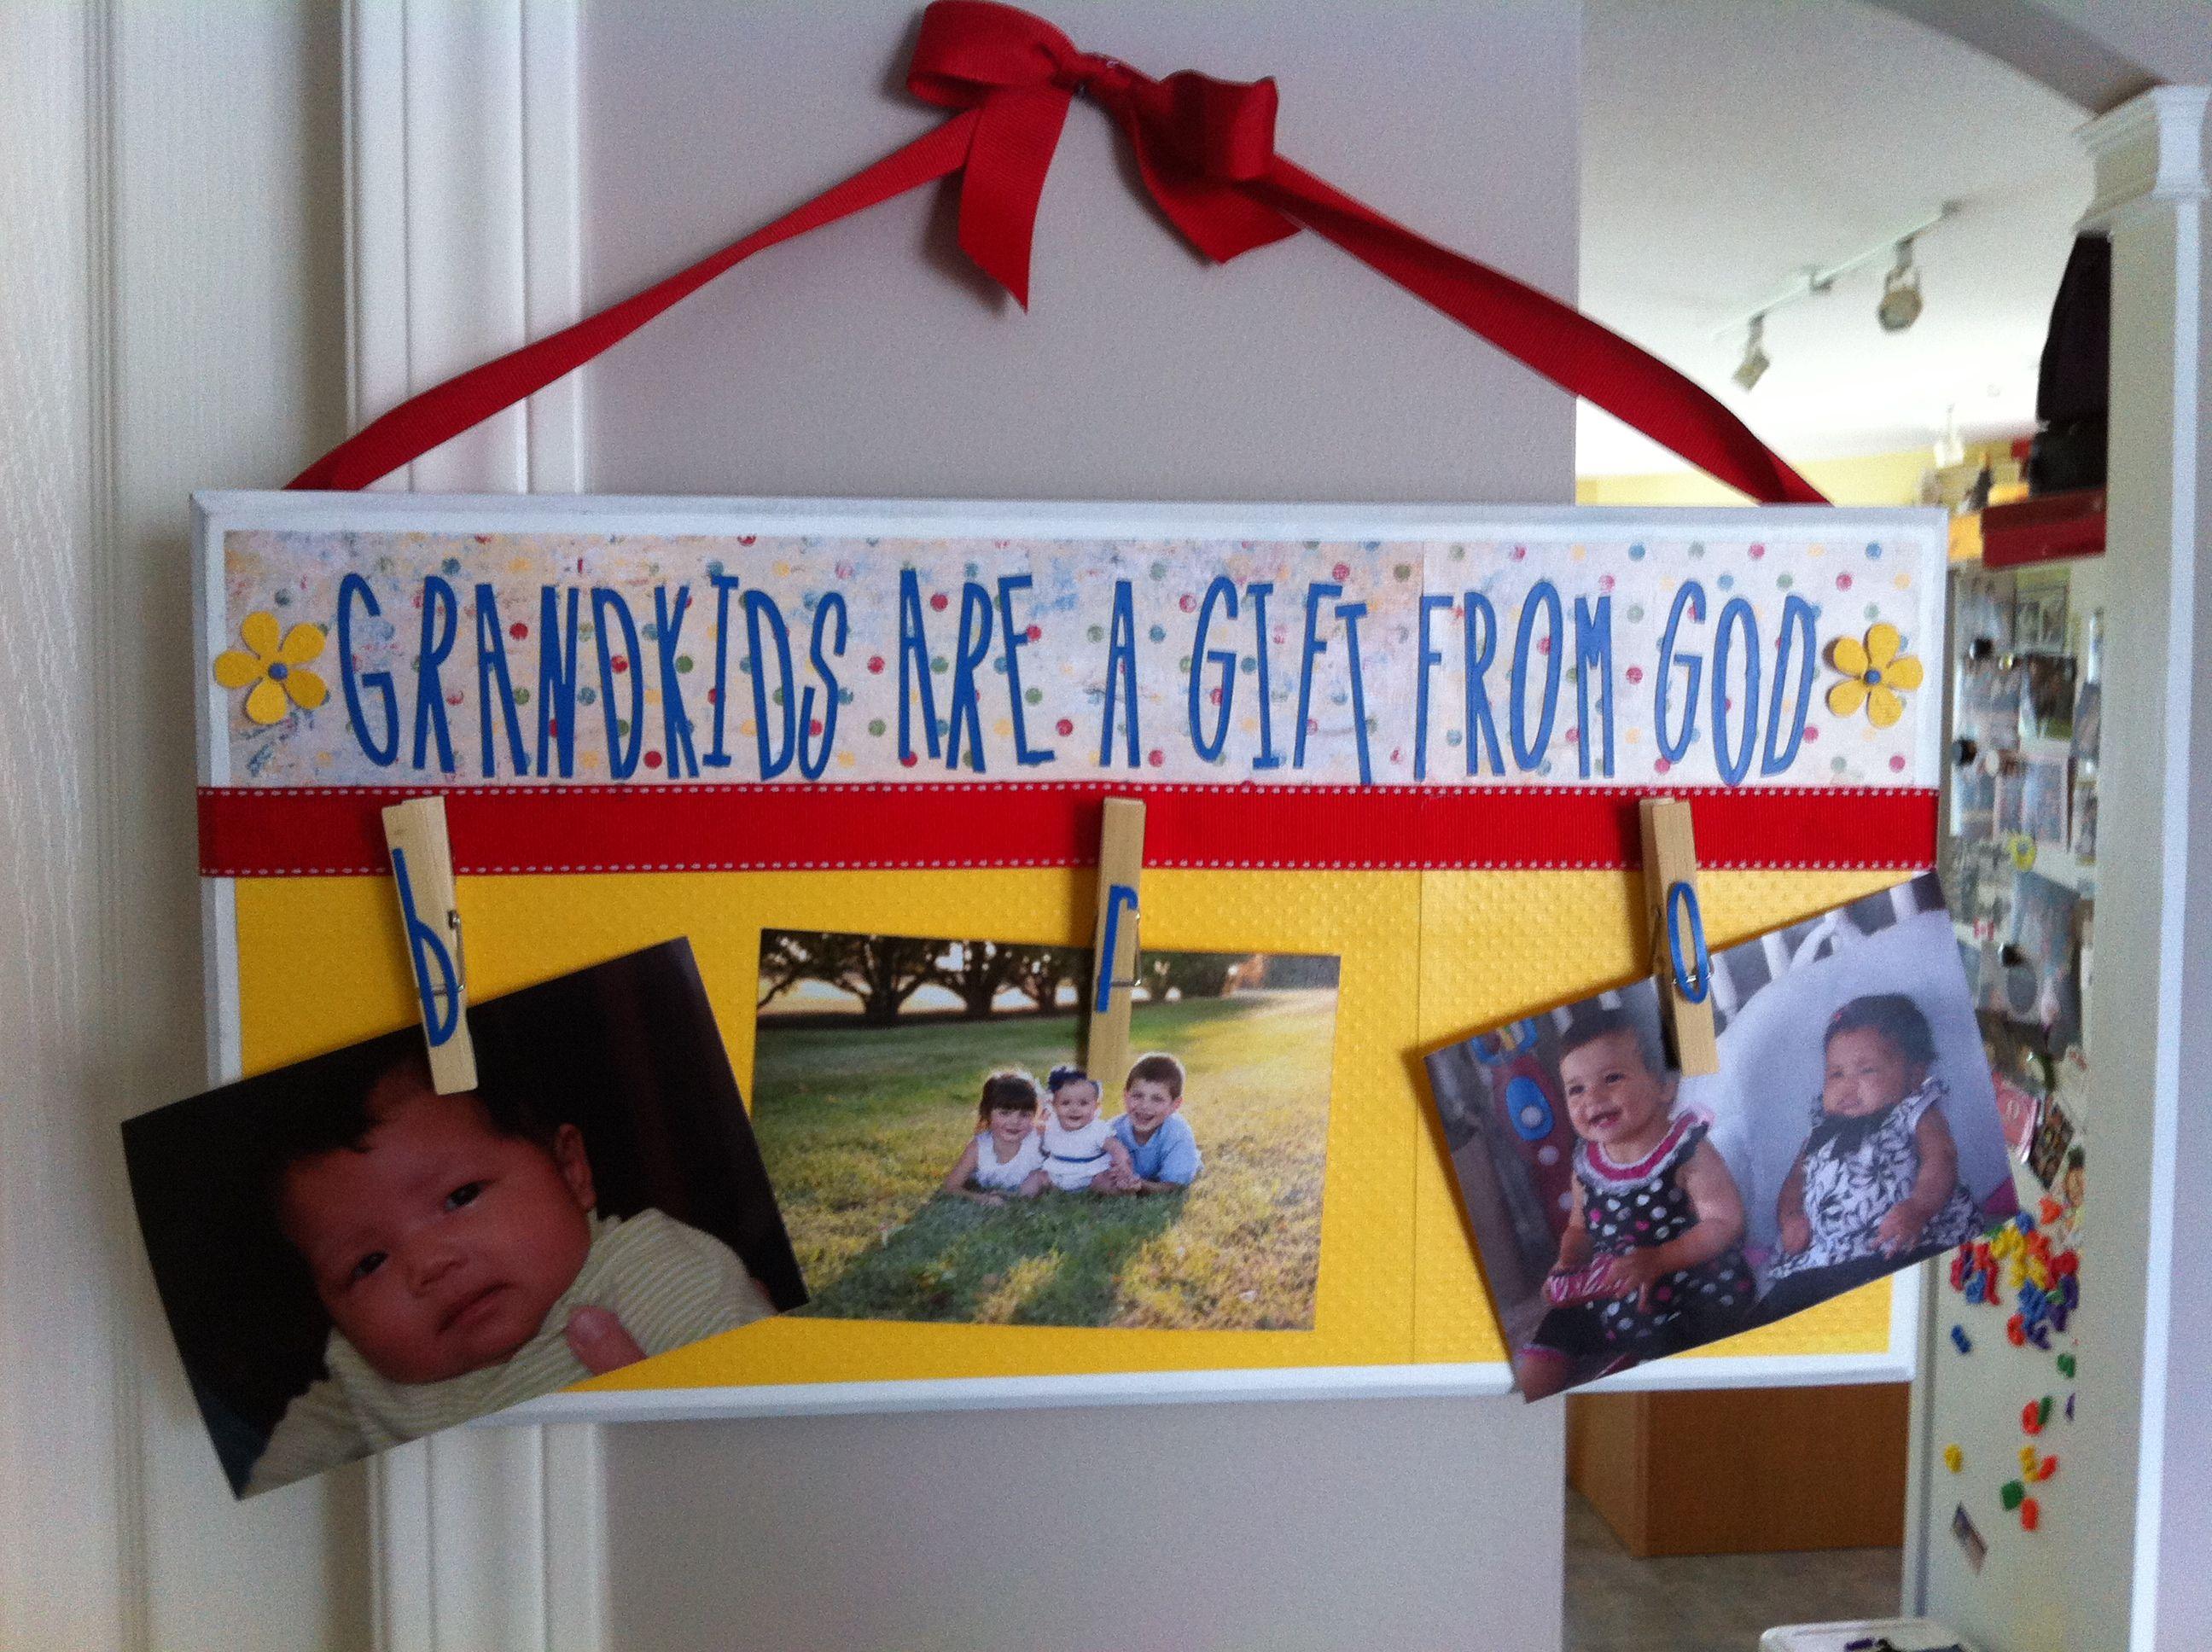 Diy birthday gift for grandma gifty ideas pinterest for Good birthday presents for grandma